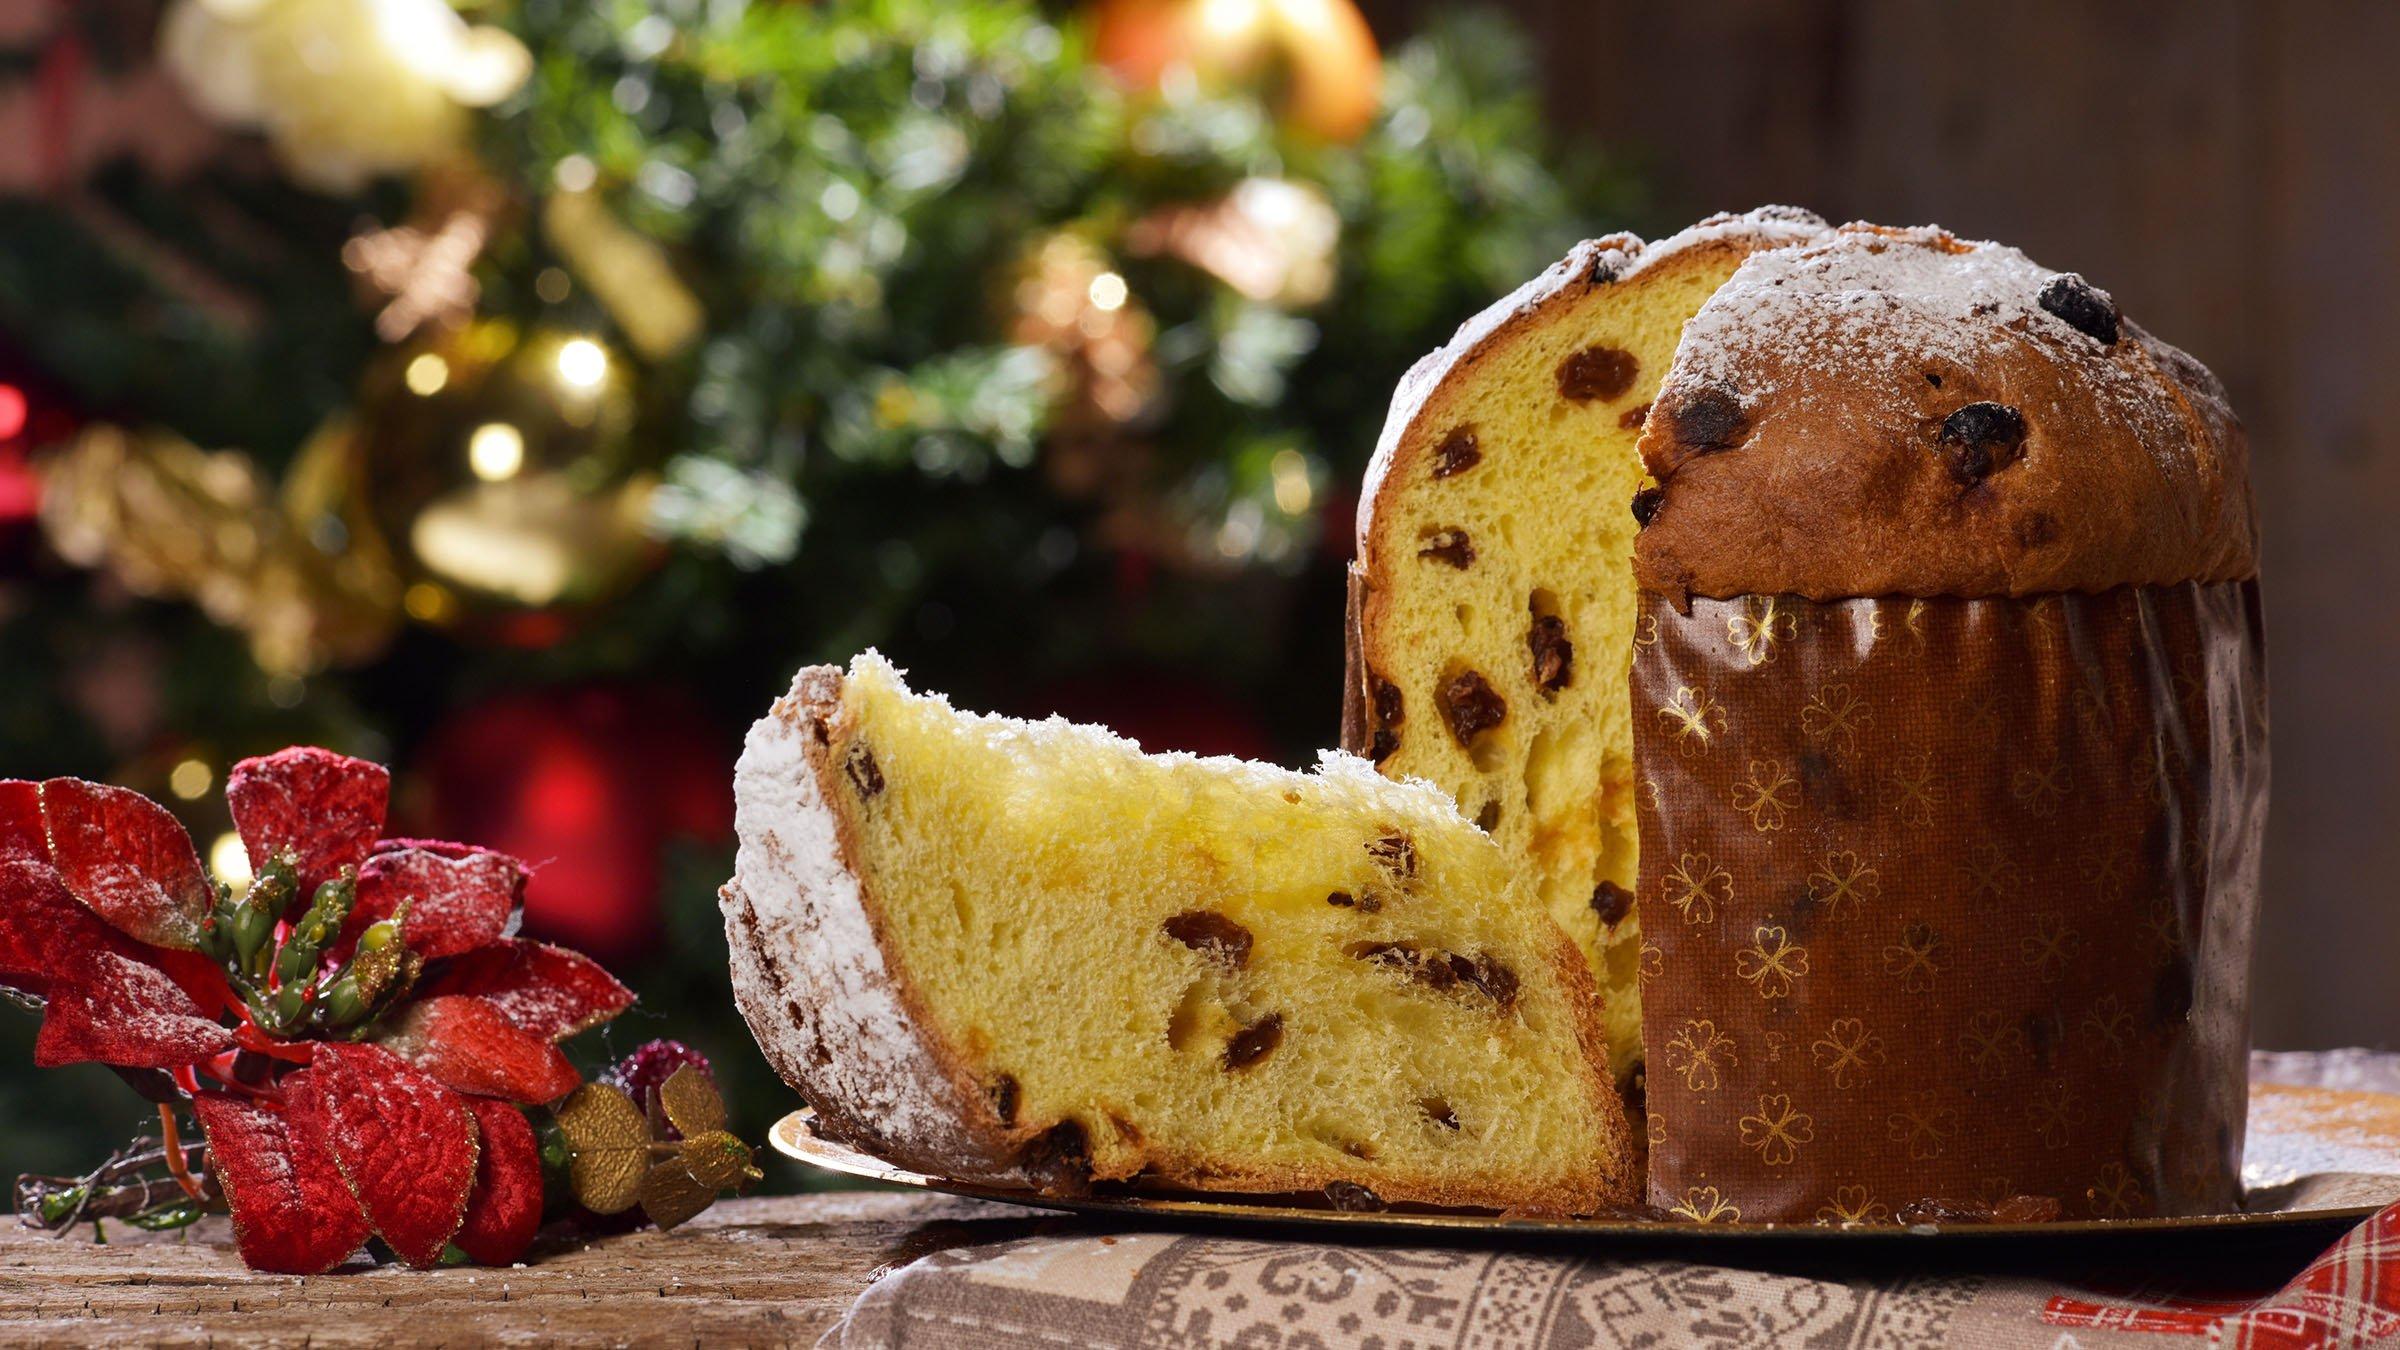 Tradiciones navide as en italia - Costumbres navidenas en alemania ...